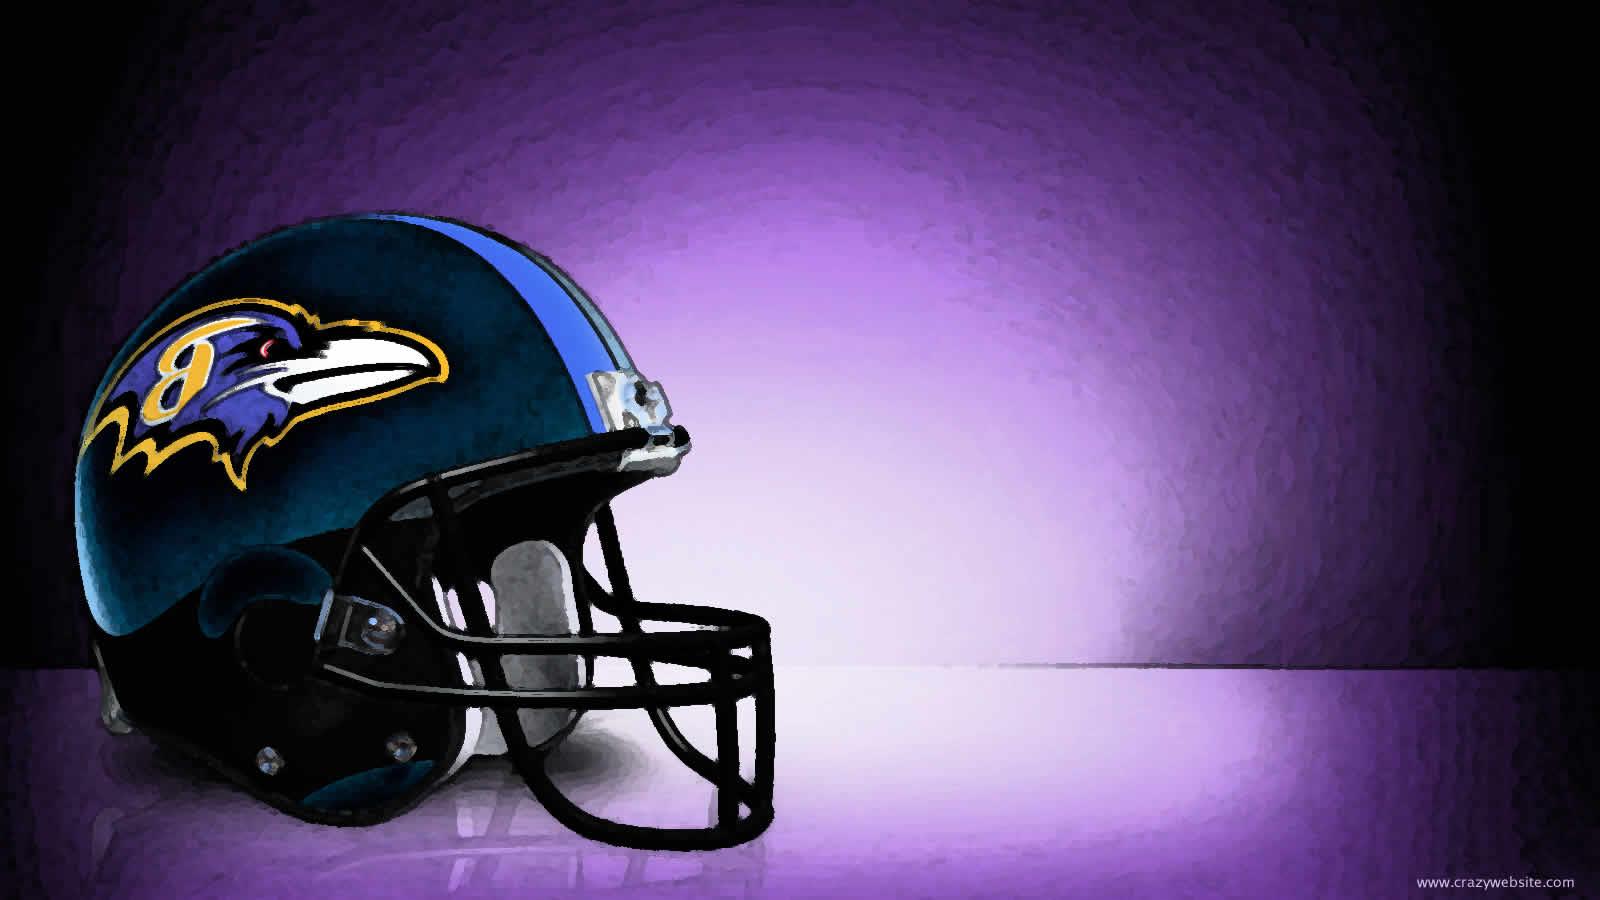 American football helmet wallpaper